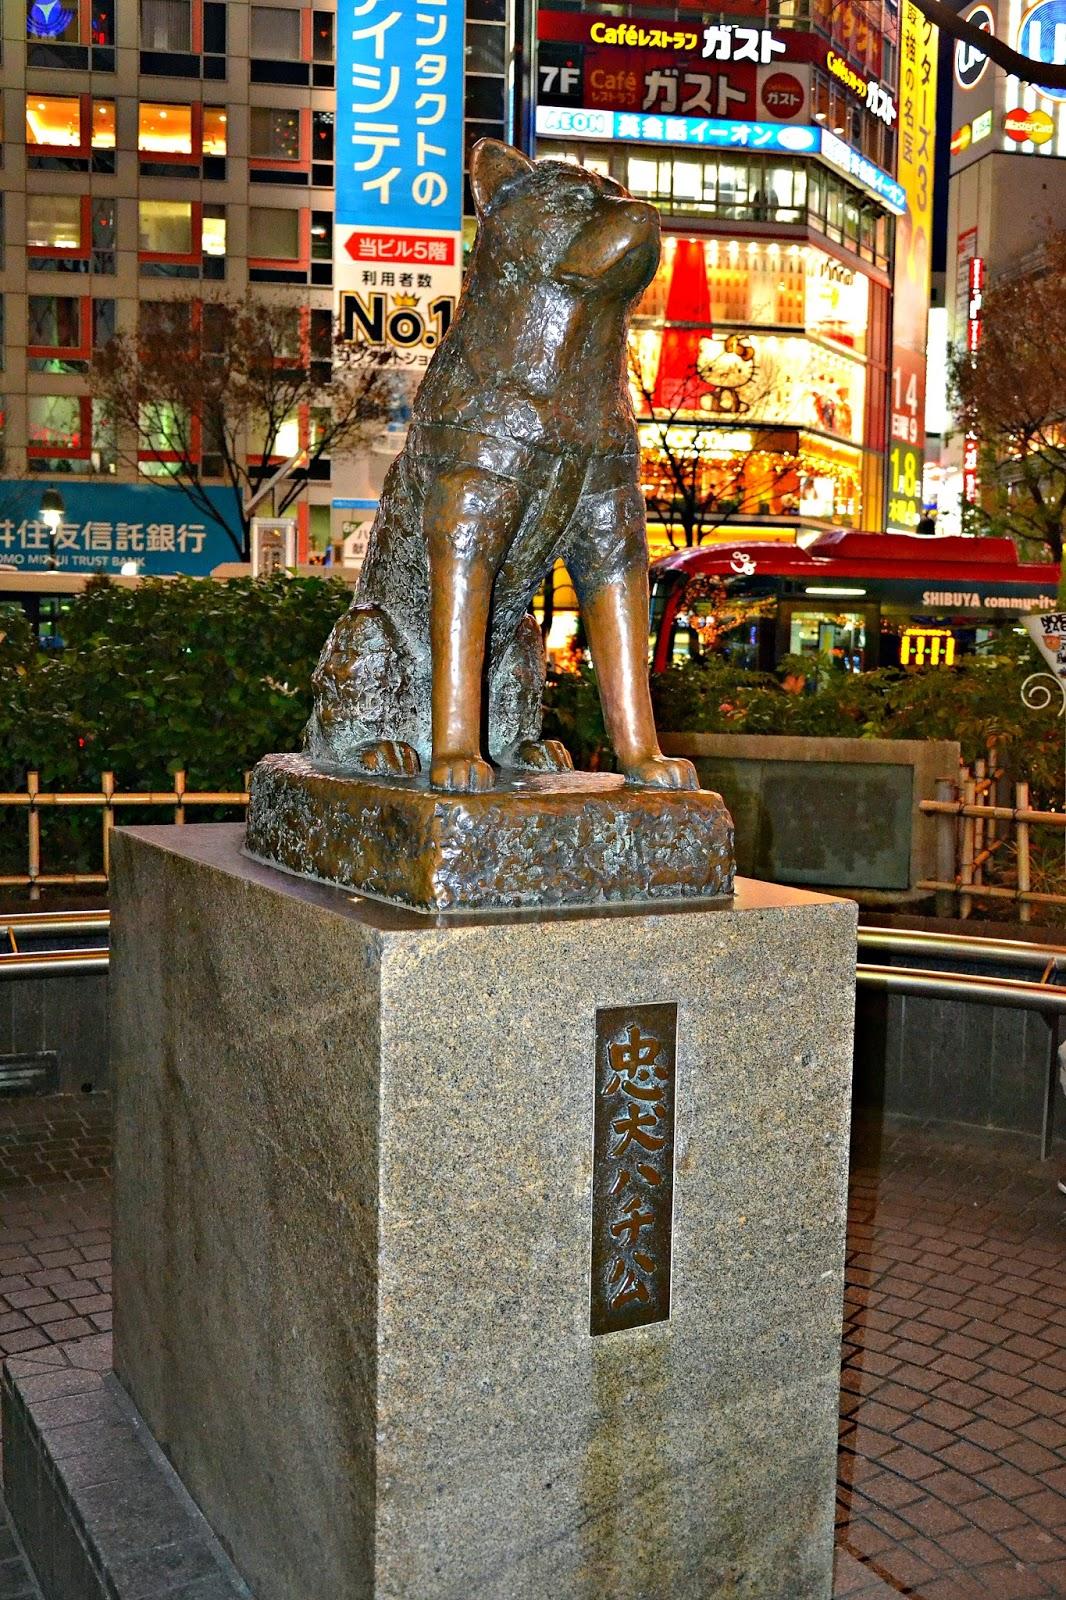 Tokyo: Hachiko Statue